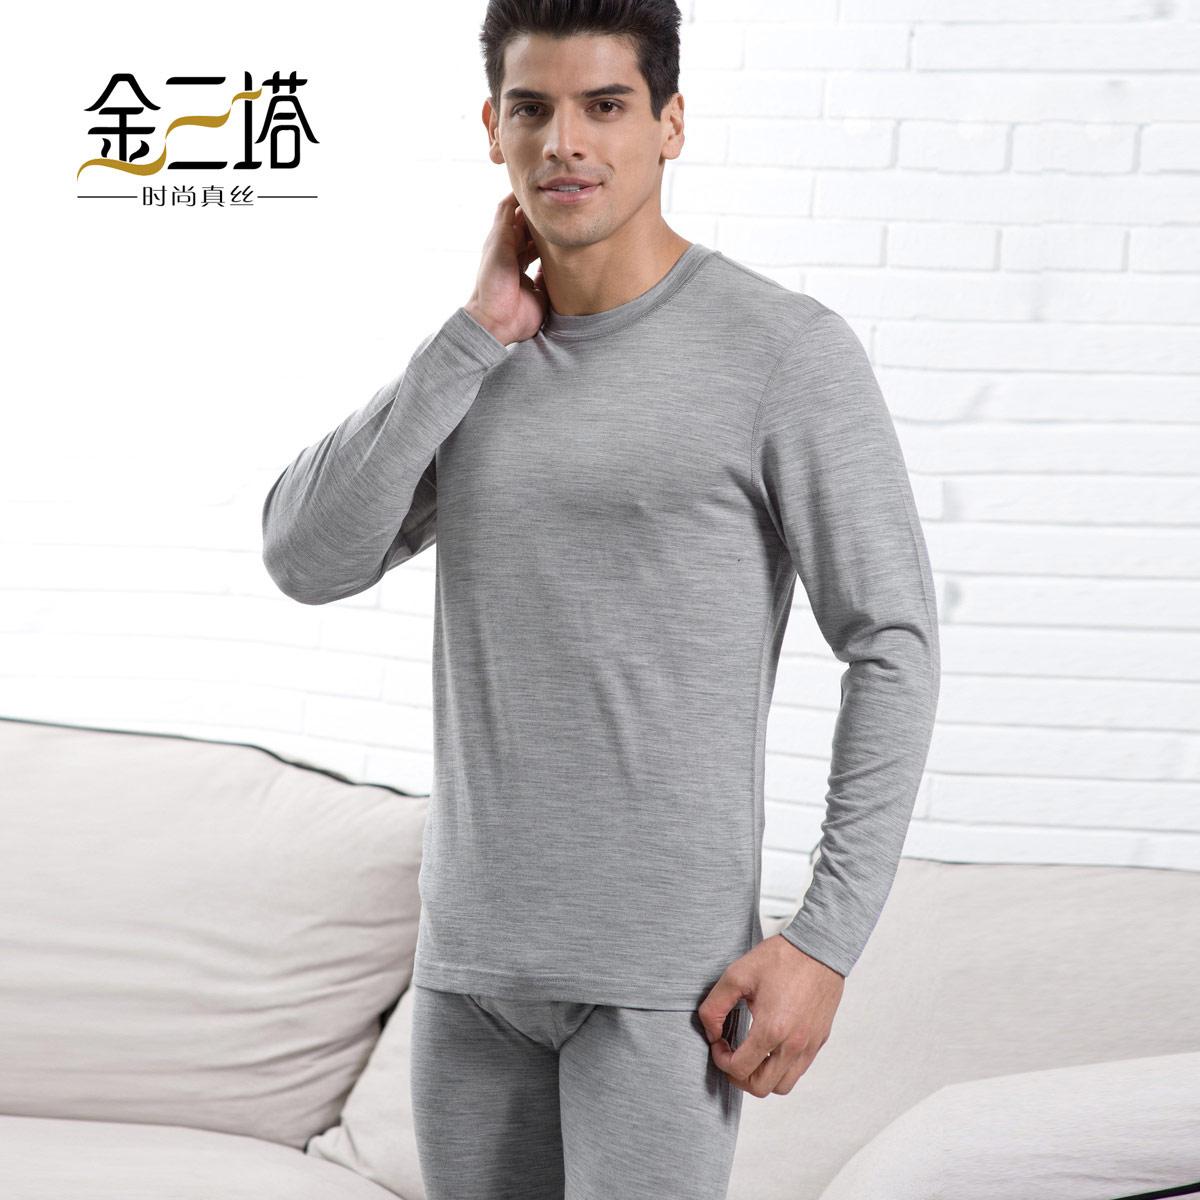 Nomorerack clearance clothing elhouz